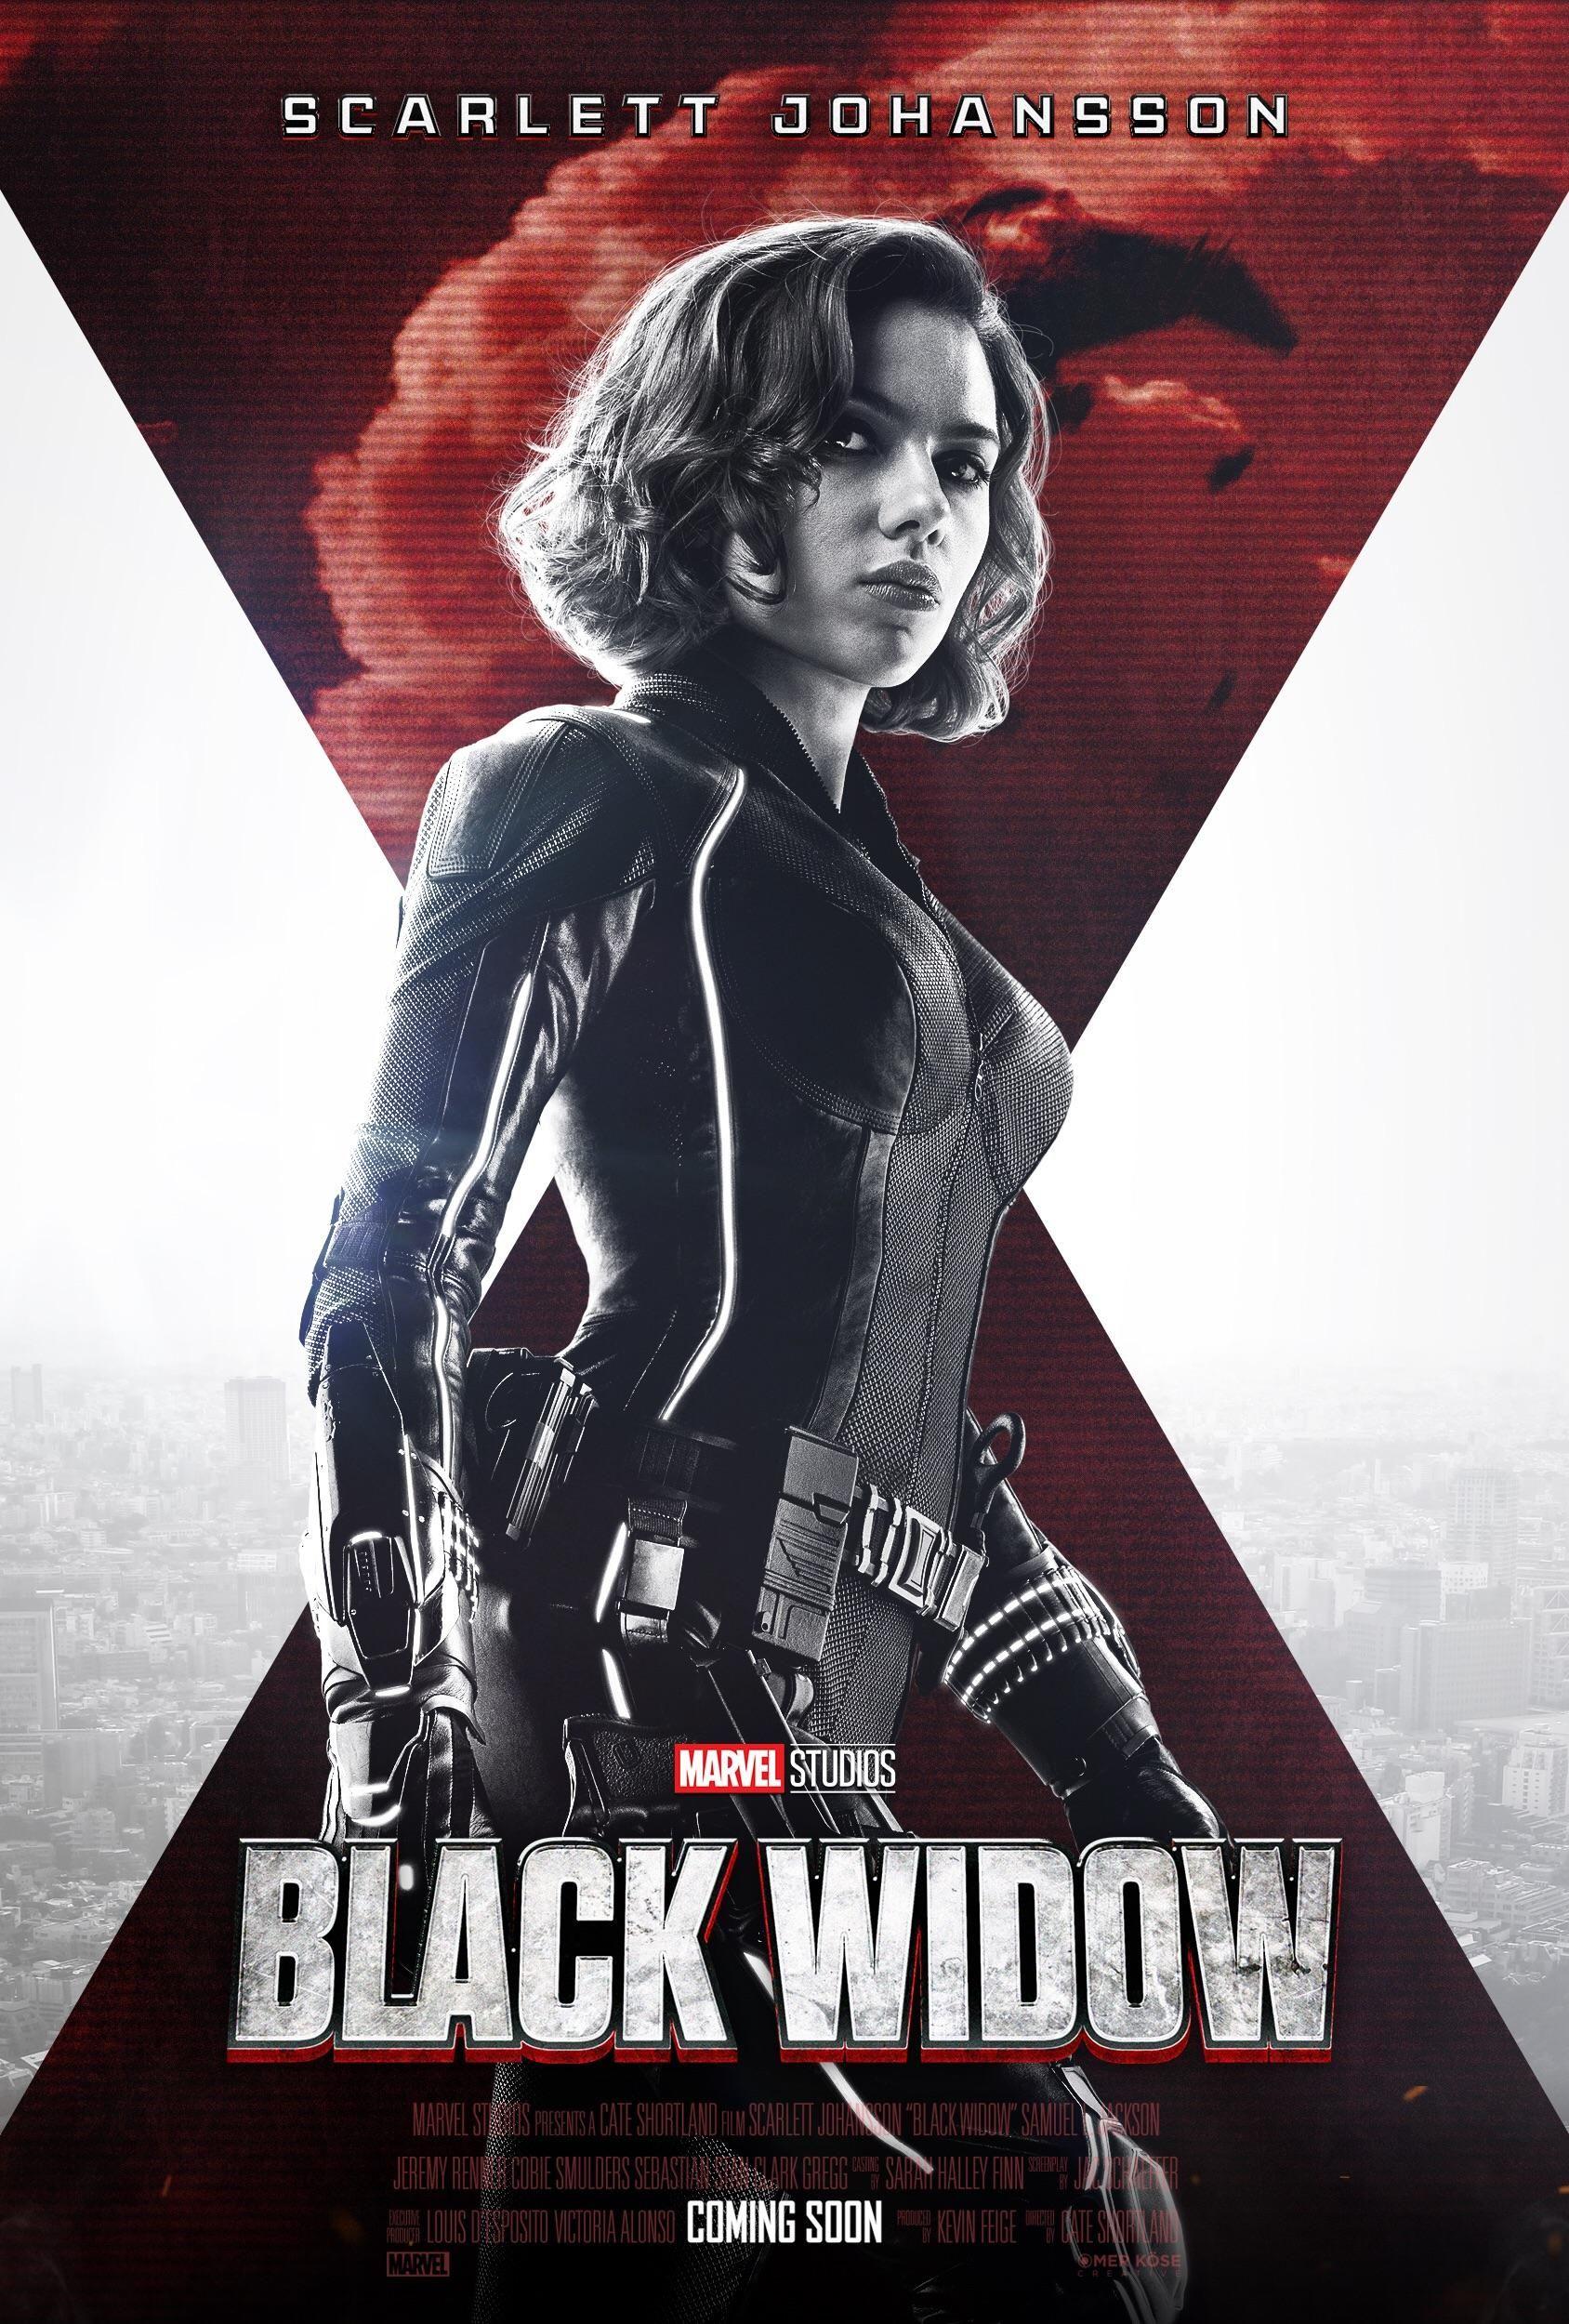 Black widow 2020 filmini izleyebilirsiniz aksiyon filmi